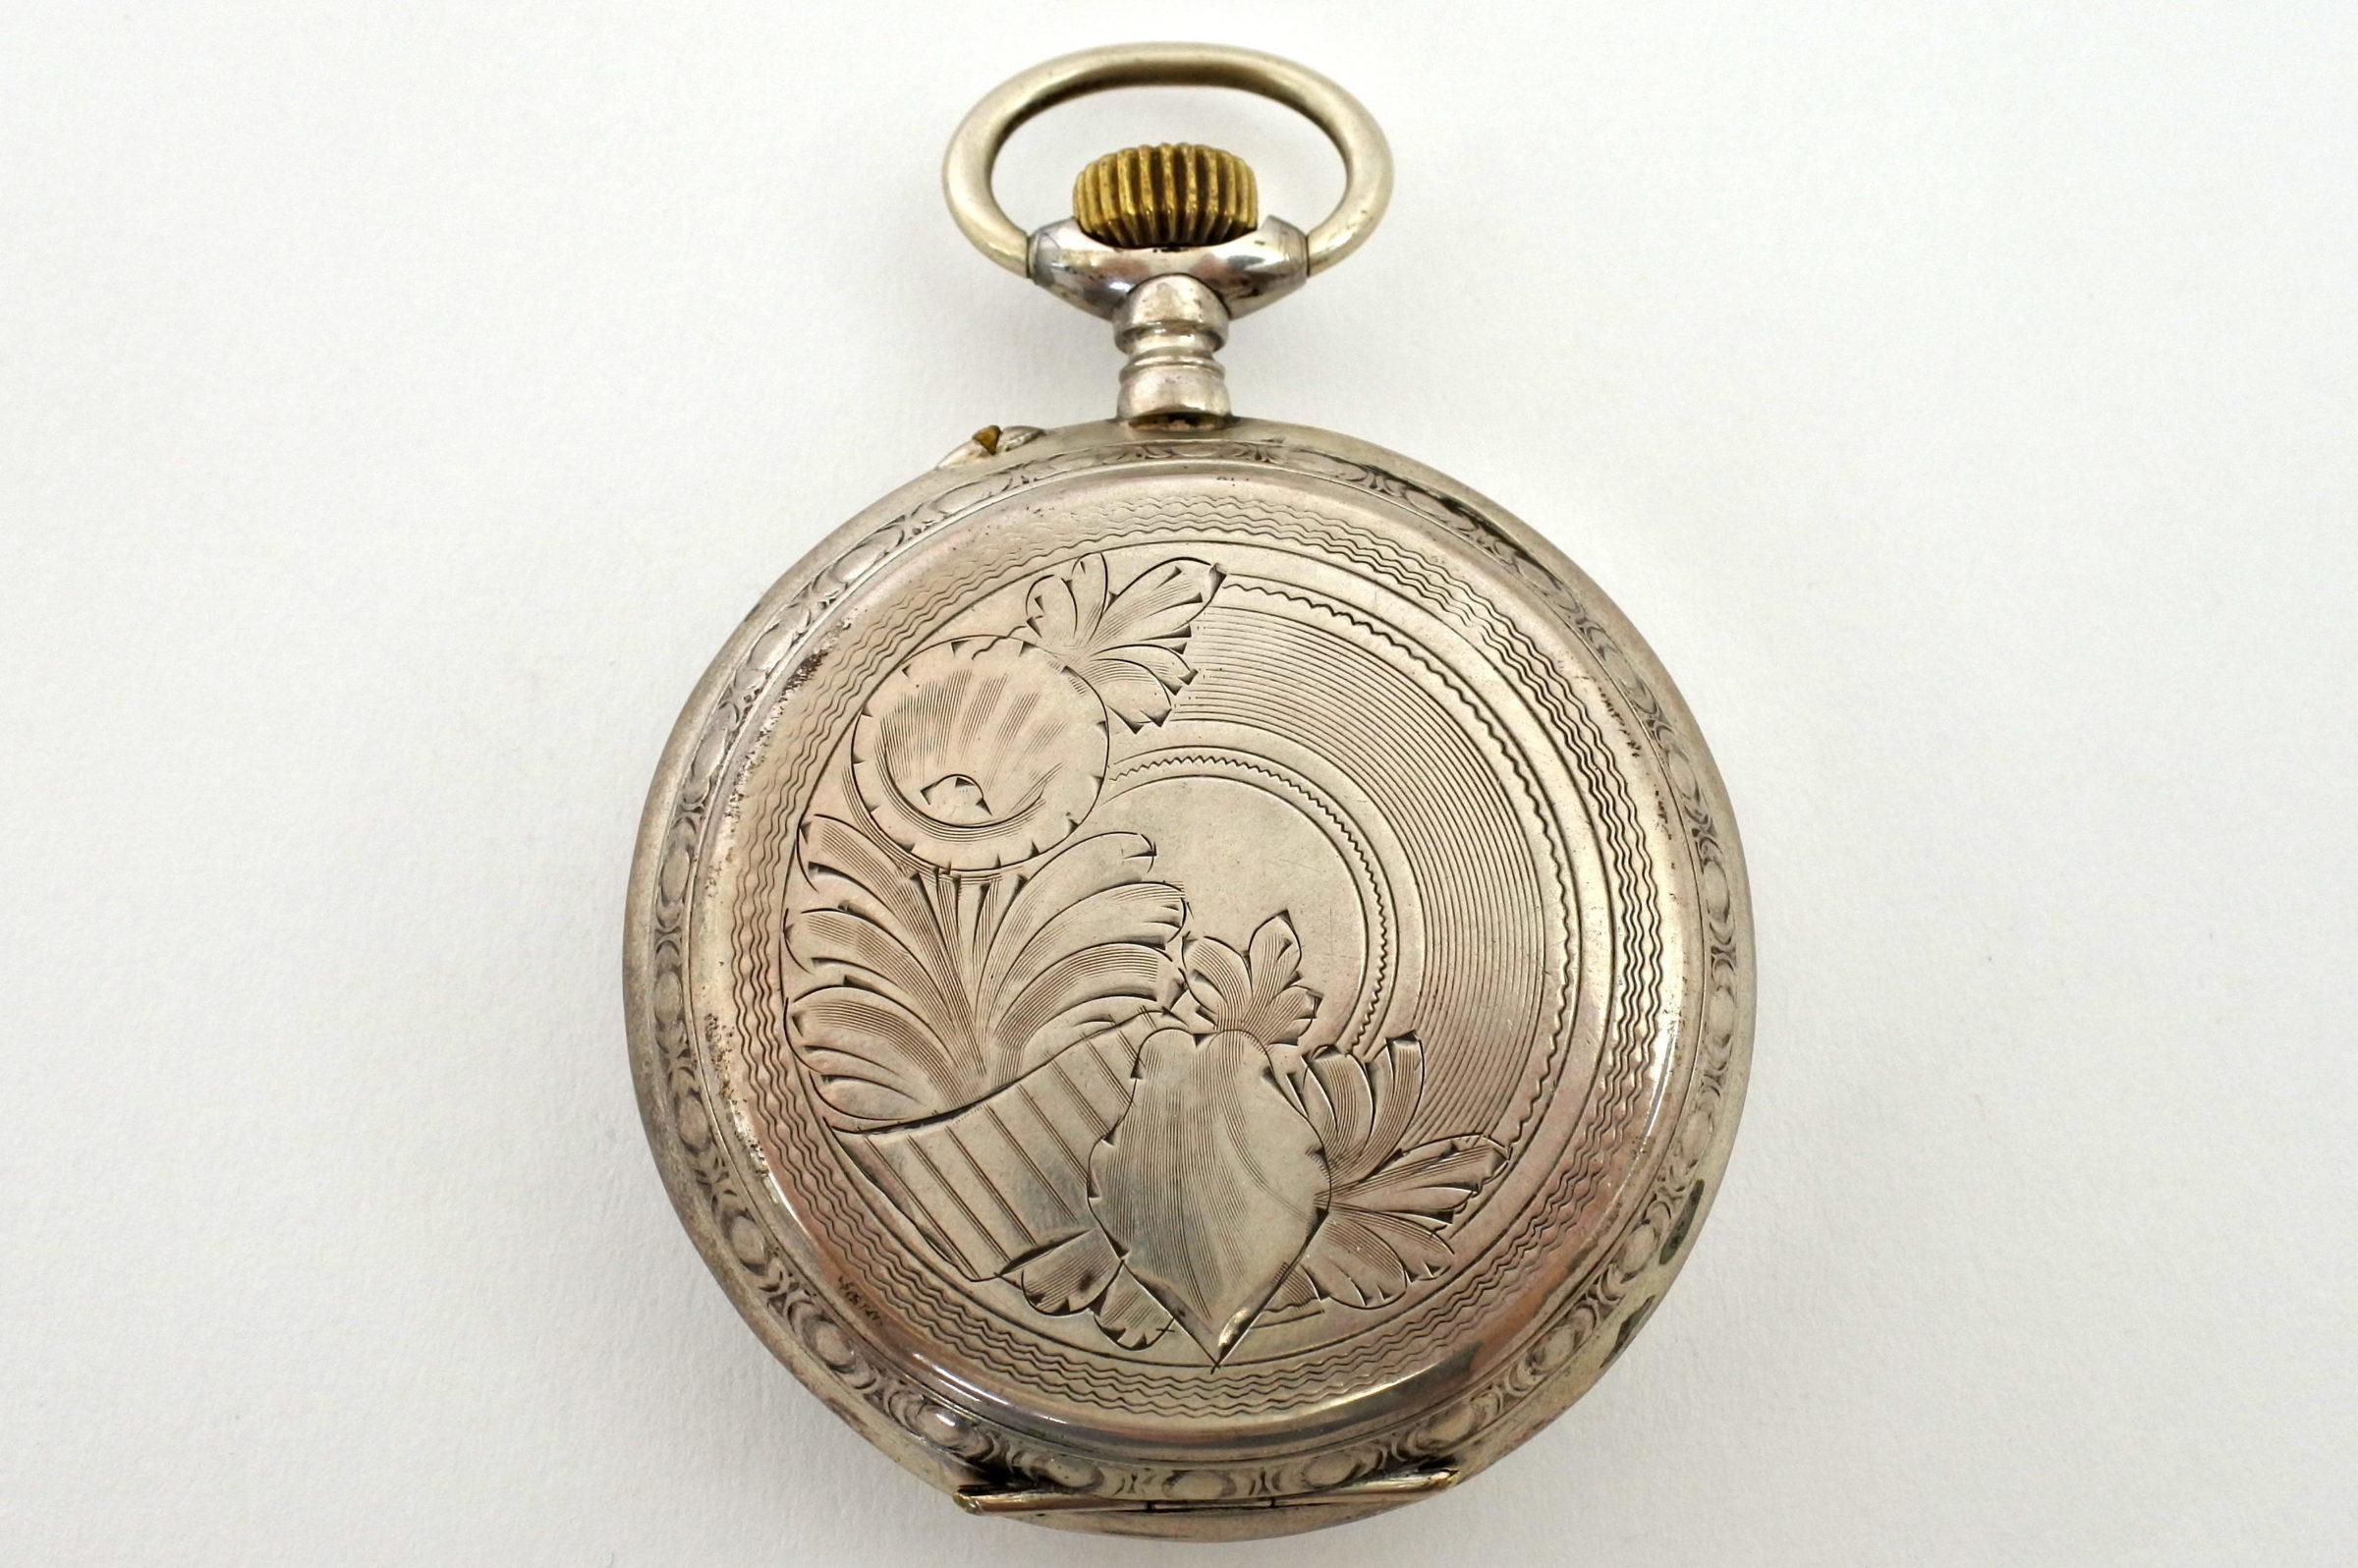 Orologio da tasca in argento con treno su quadrante - 7